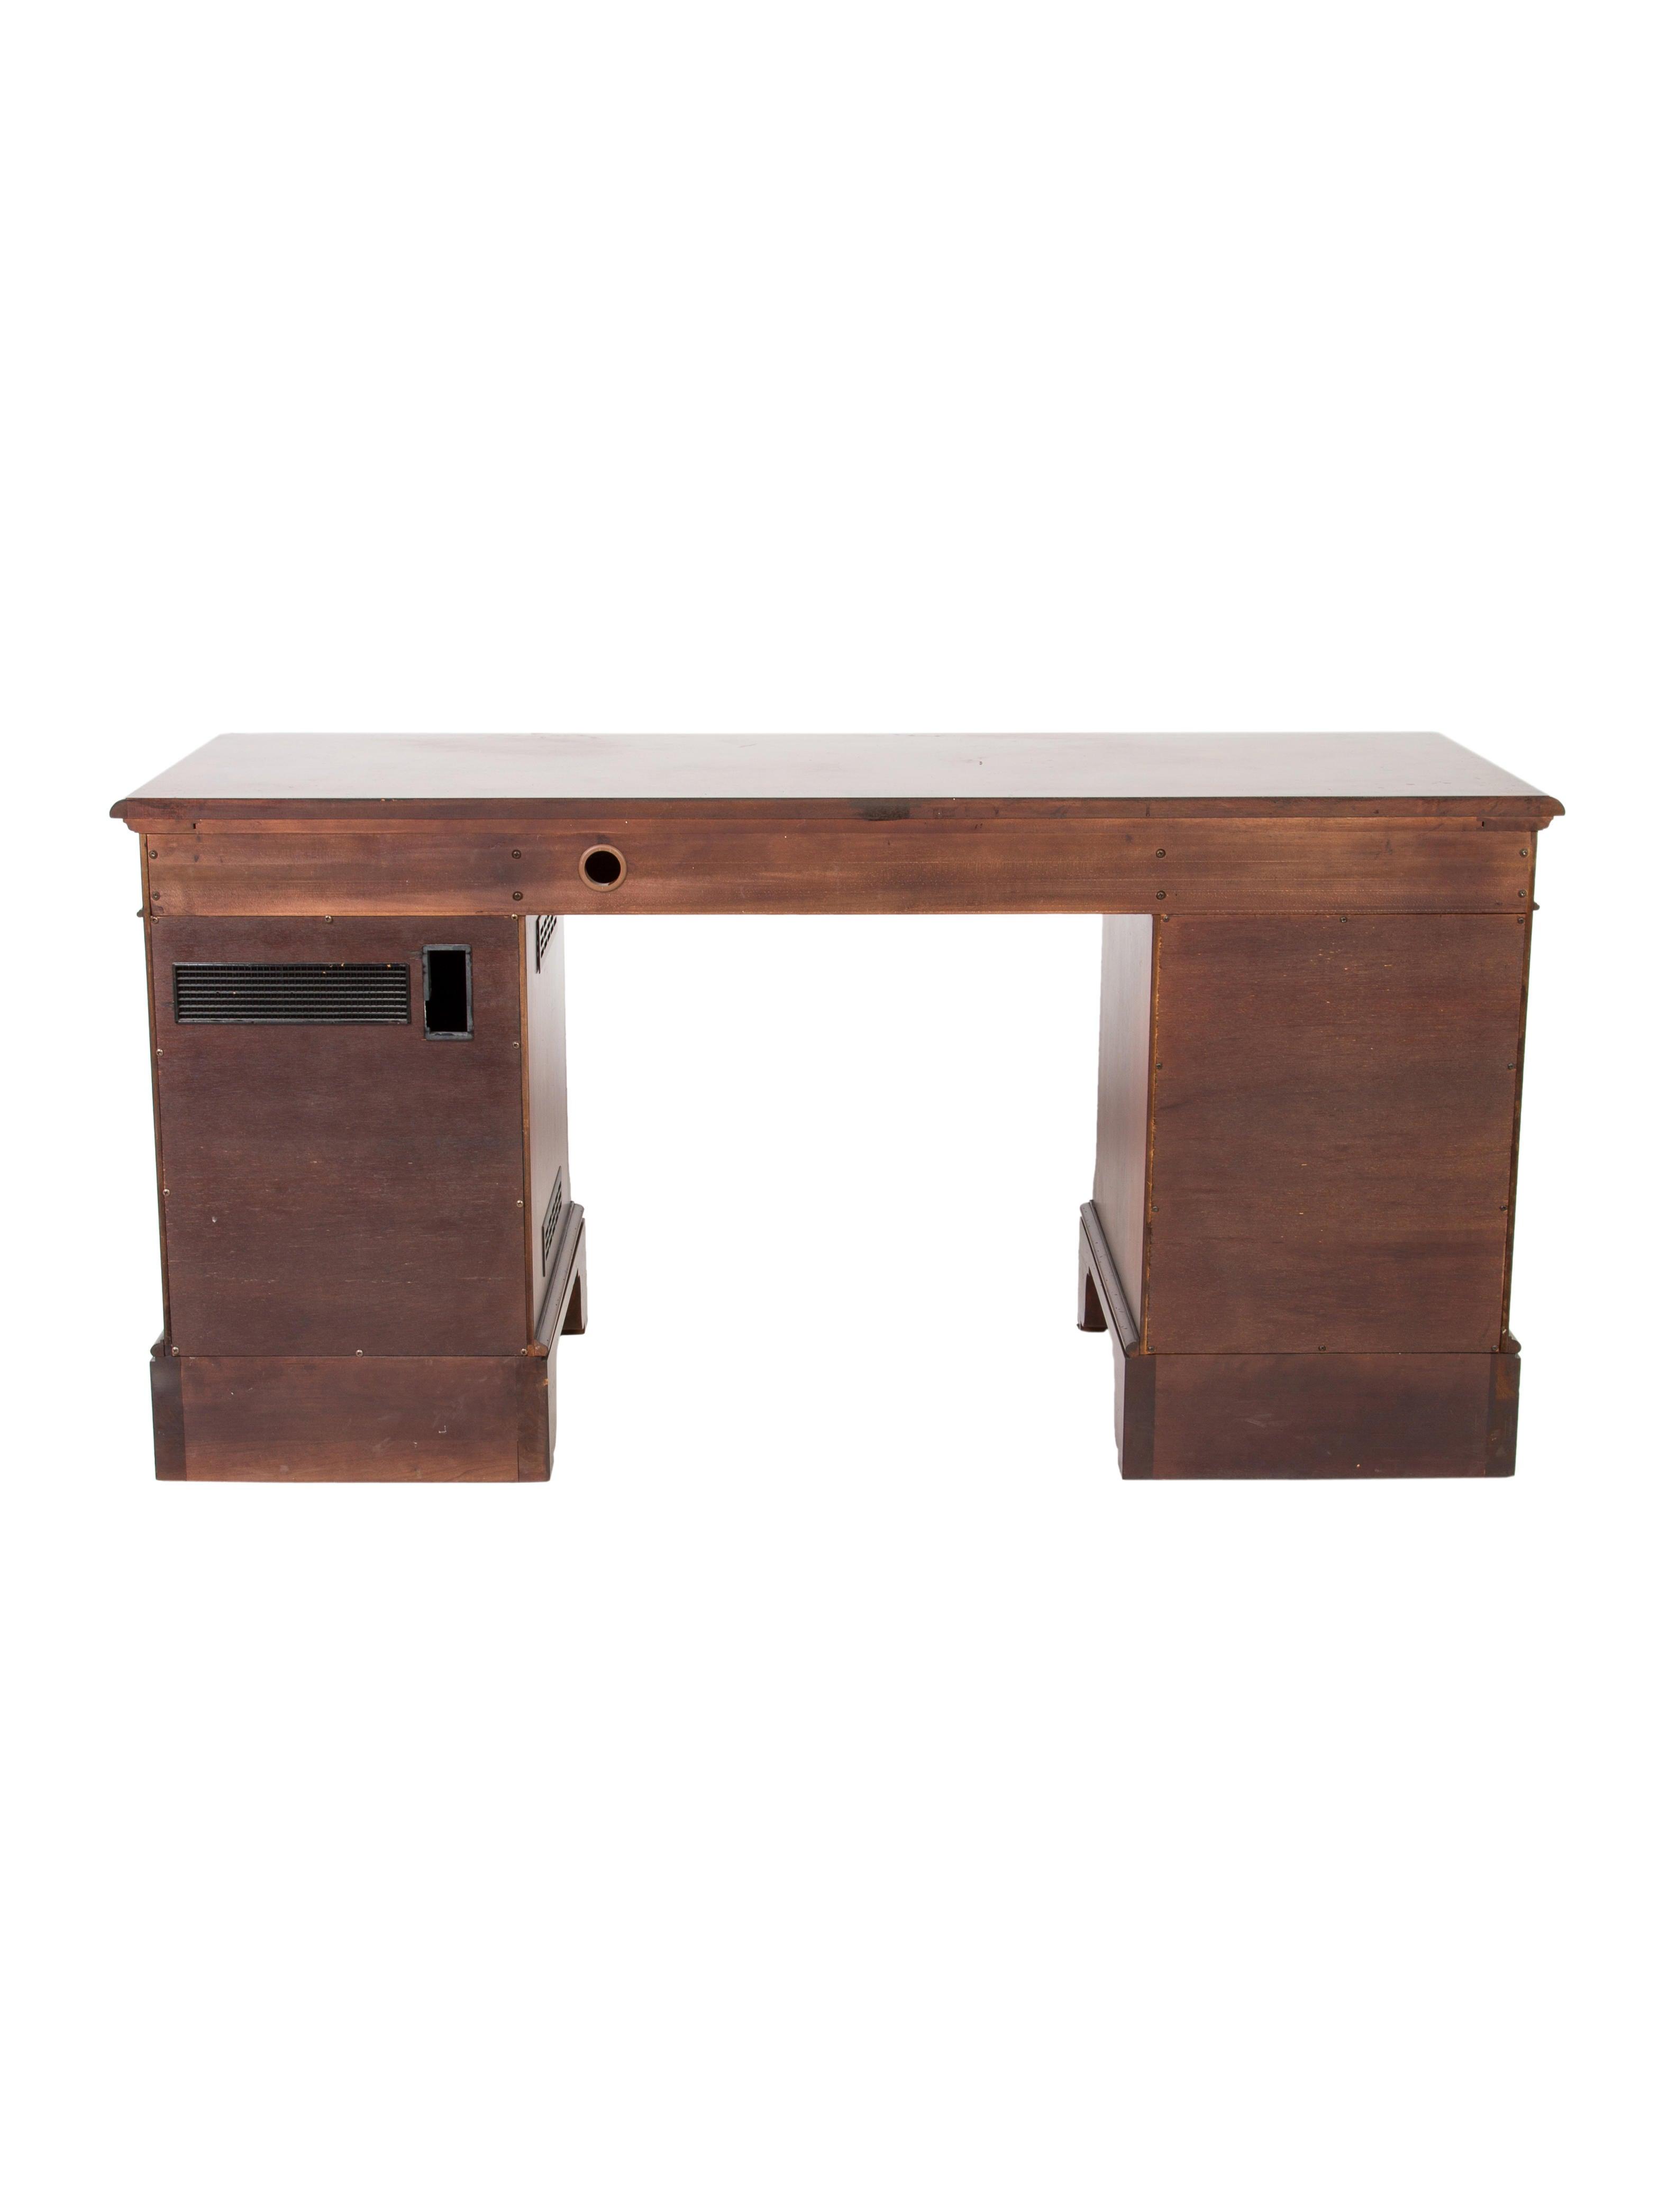 Milling Road Desk